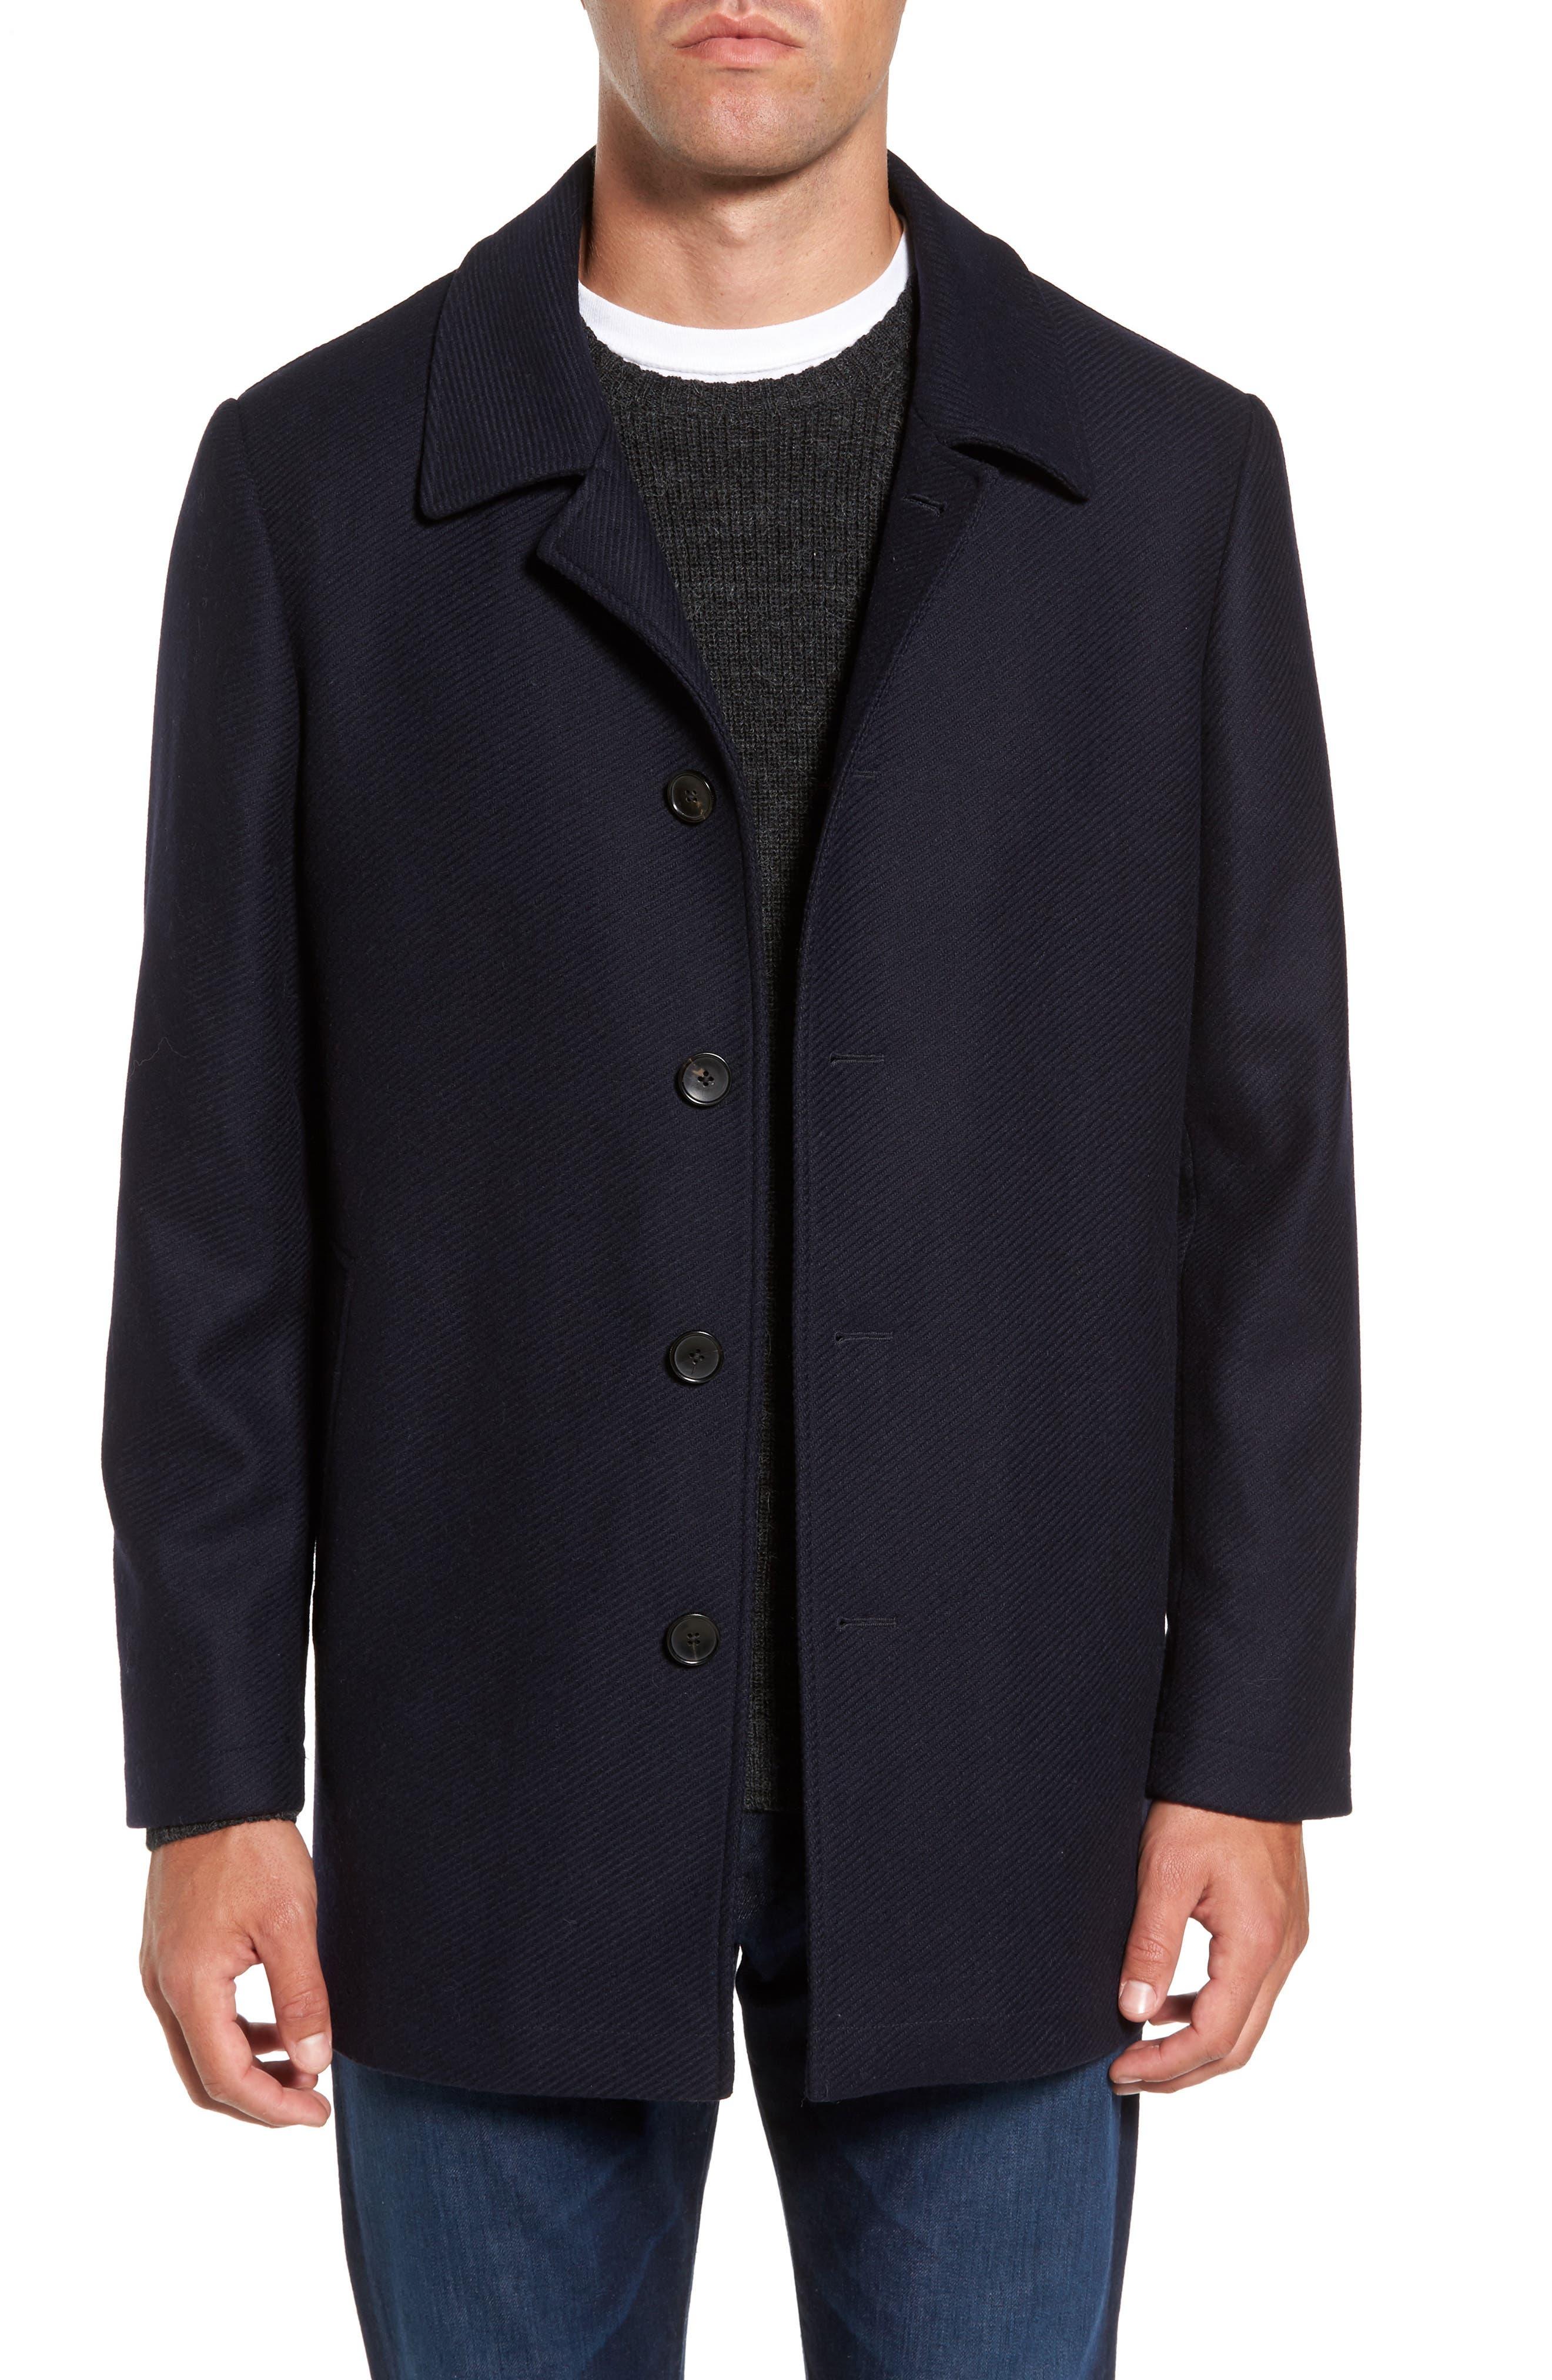 Main Image - Rodd & Gunn Christchurch Wool Blend Jacket